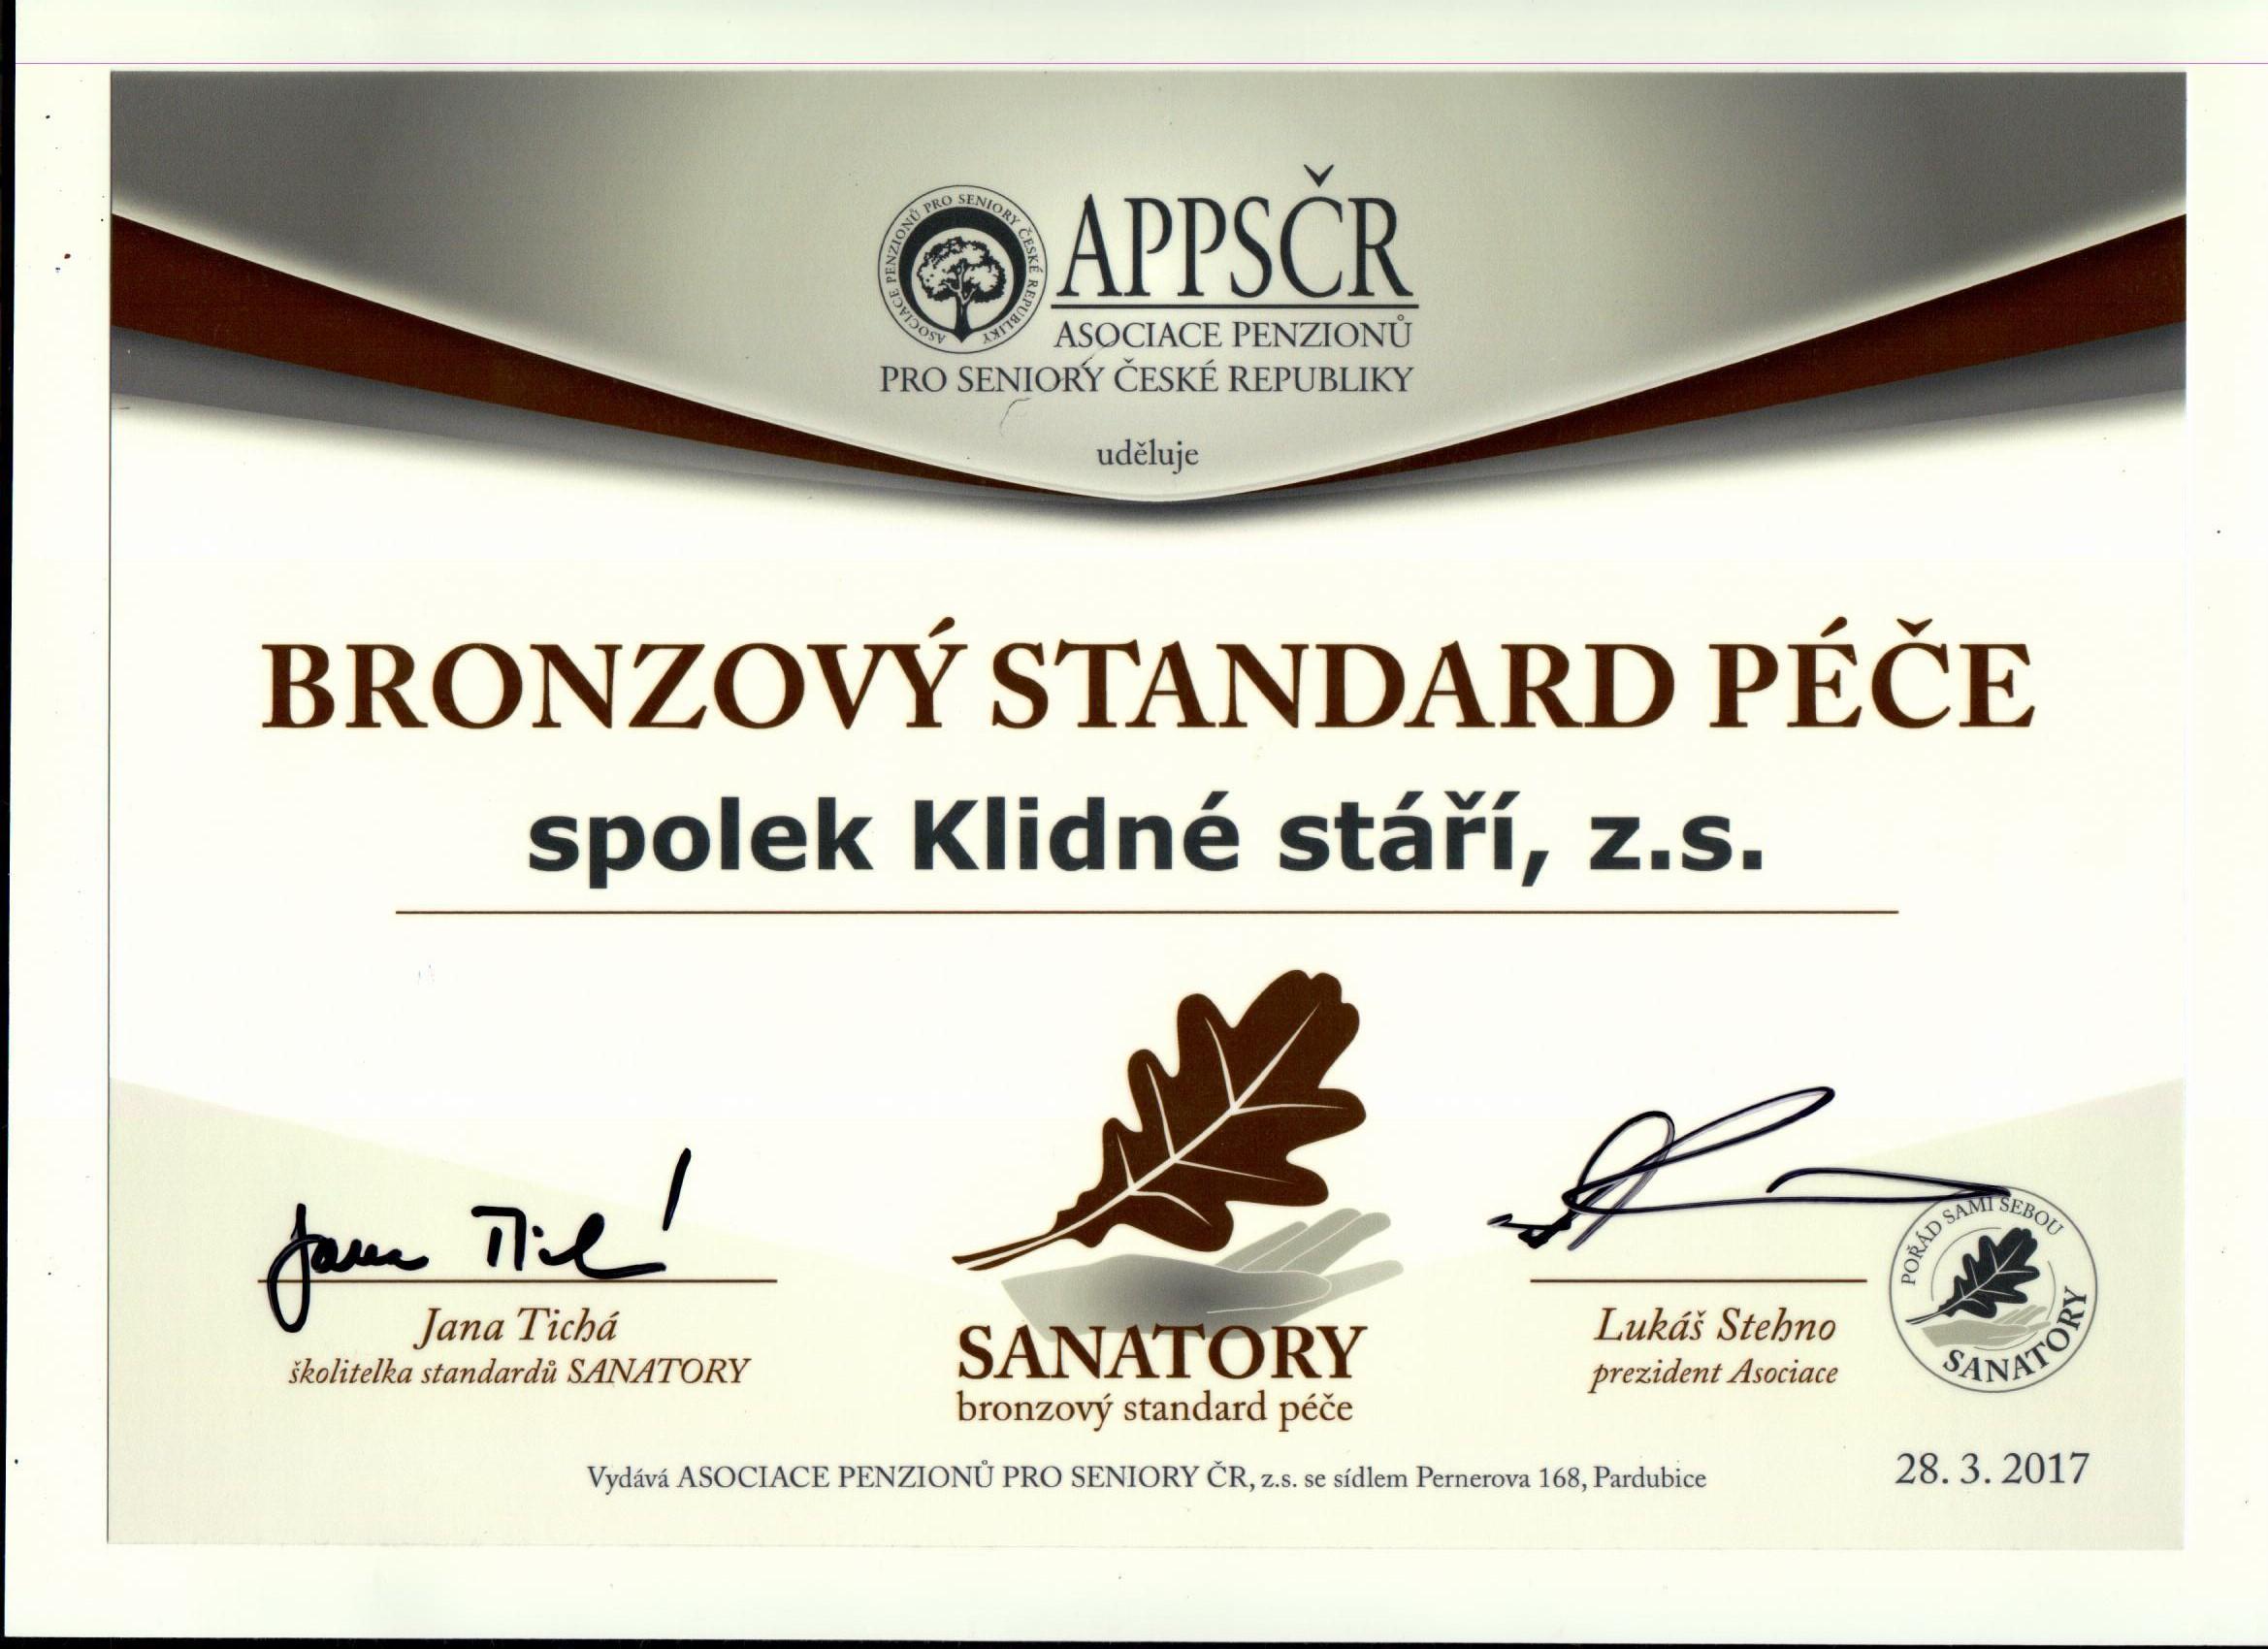 Asociace Penzionů Pro Seniory České Republiky